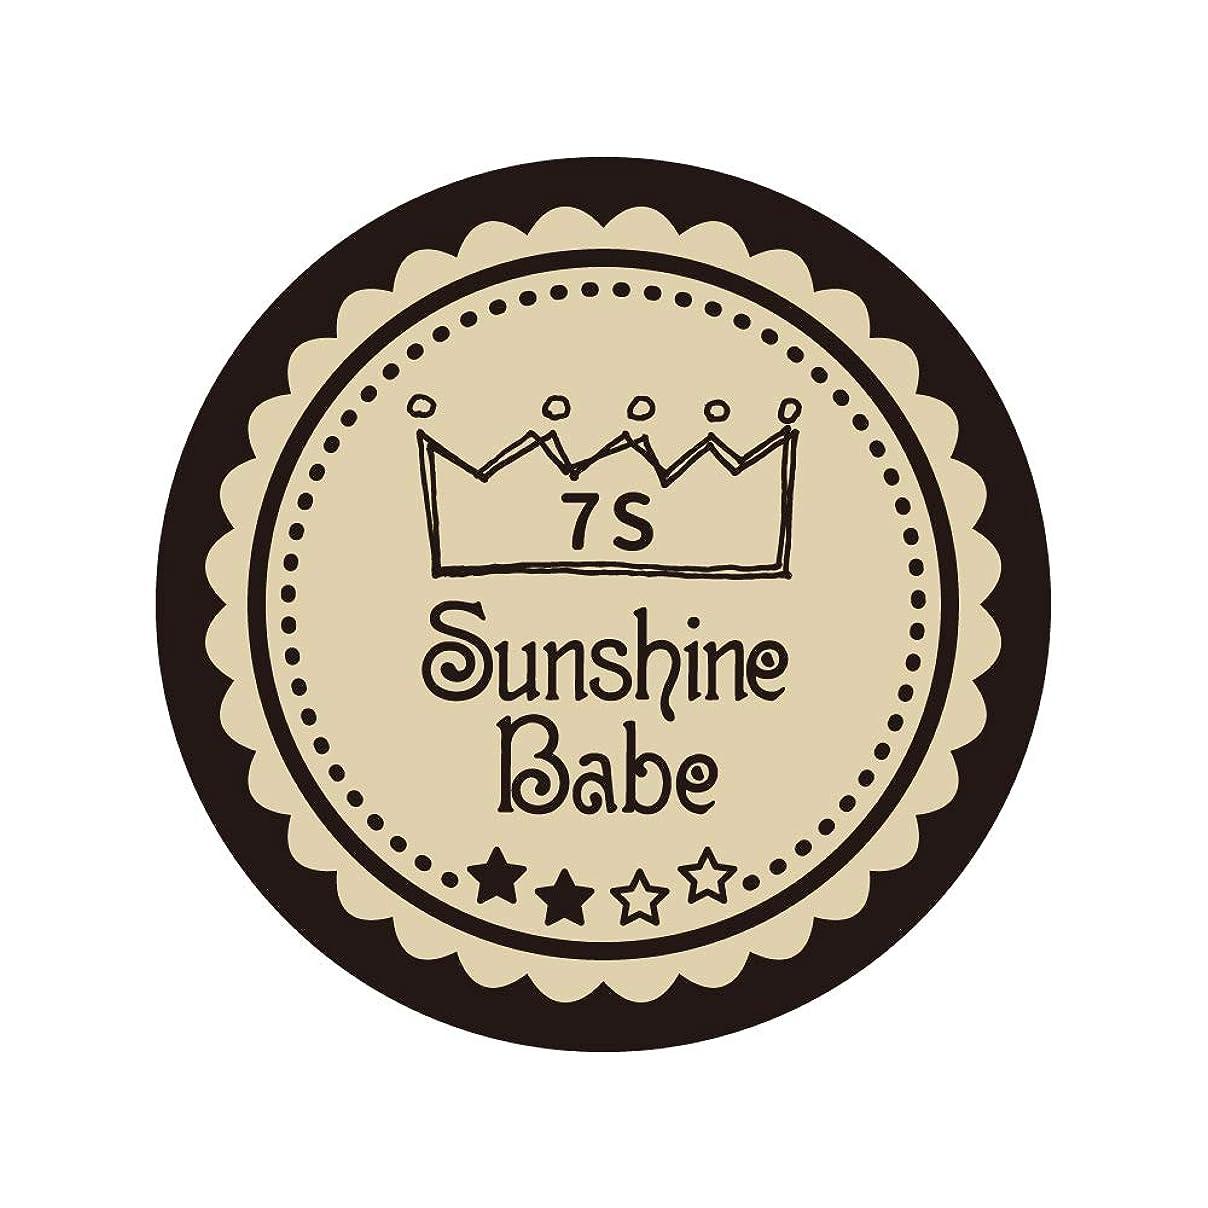 不条理ドック妻Sunshine Babe コスメティックカラー 7S ウォームサンド 4g UV/LED対応